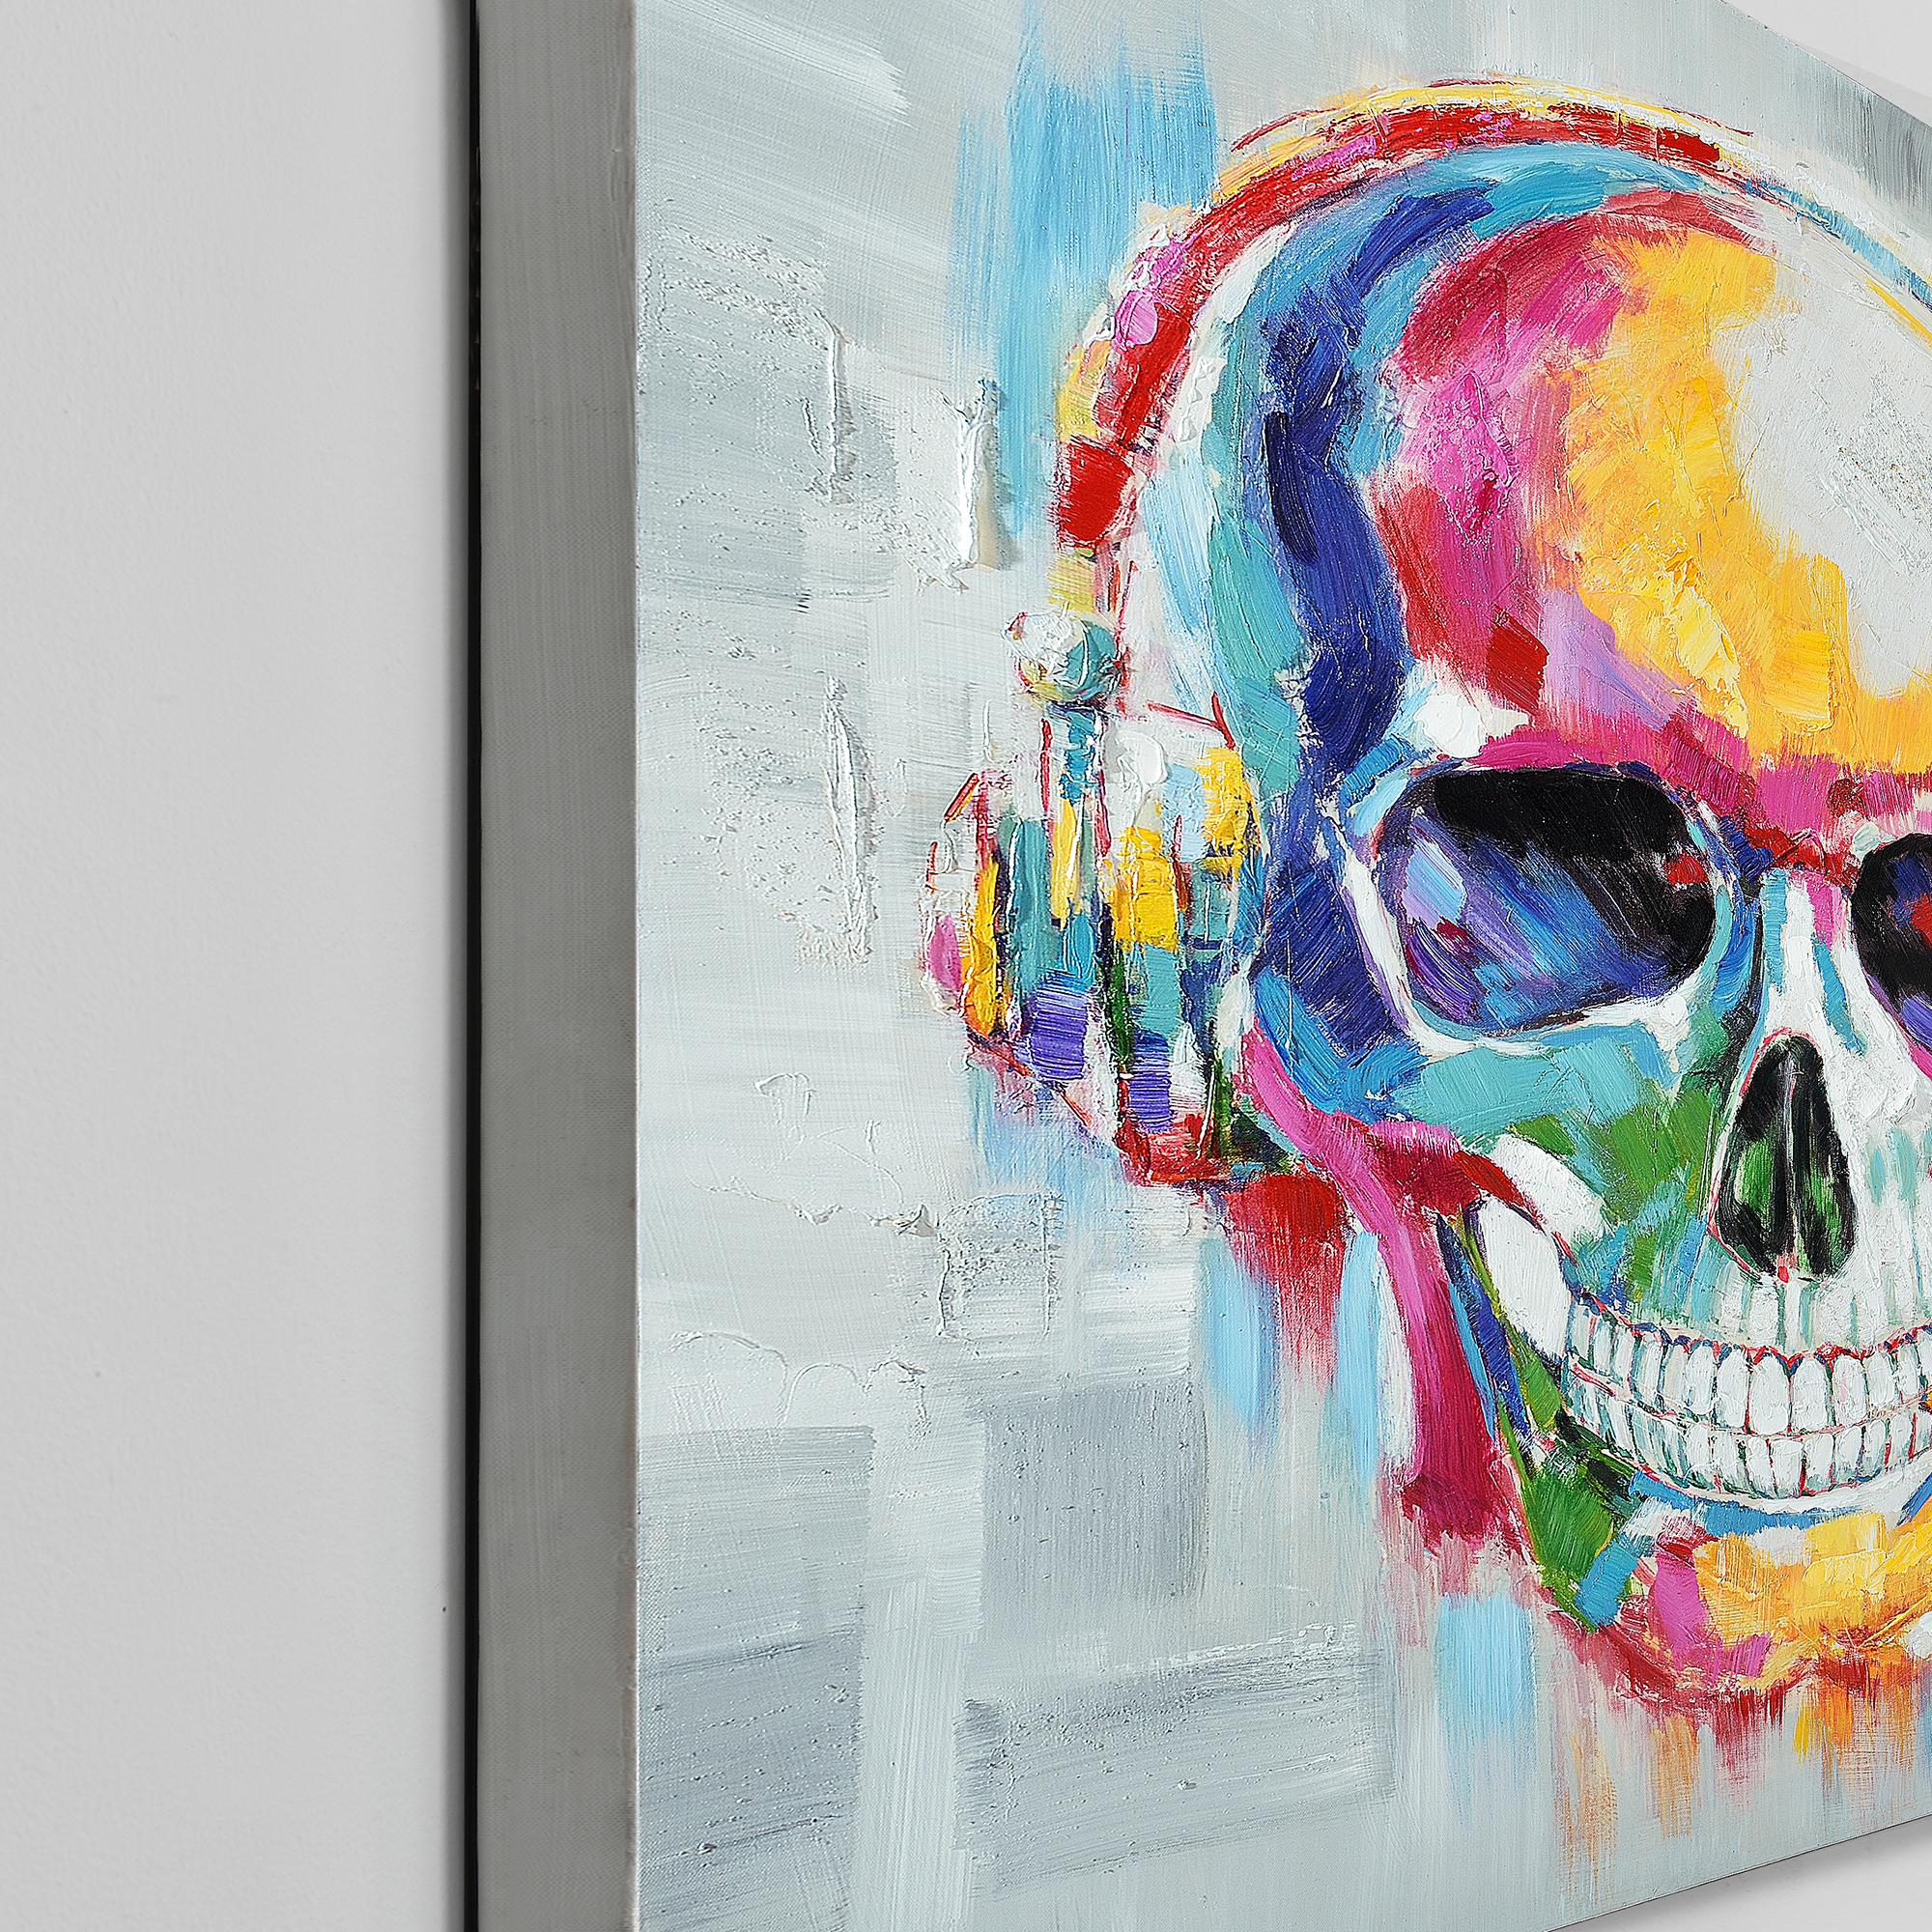 Wandbild 100x100cm totenkopf handgemalt leinwand gerahmt acryl deko - Totenkopf wandbild ...